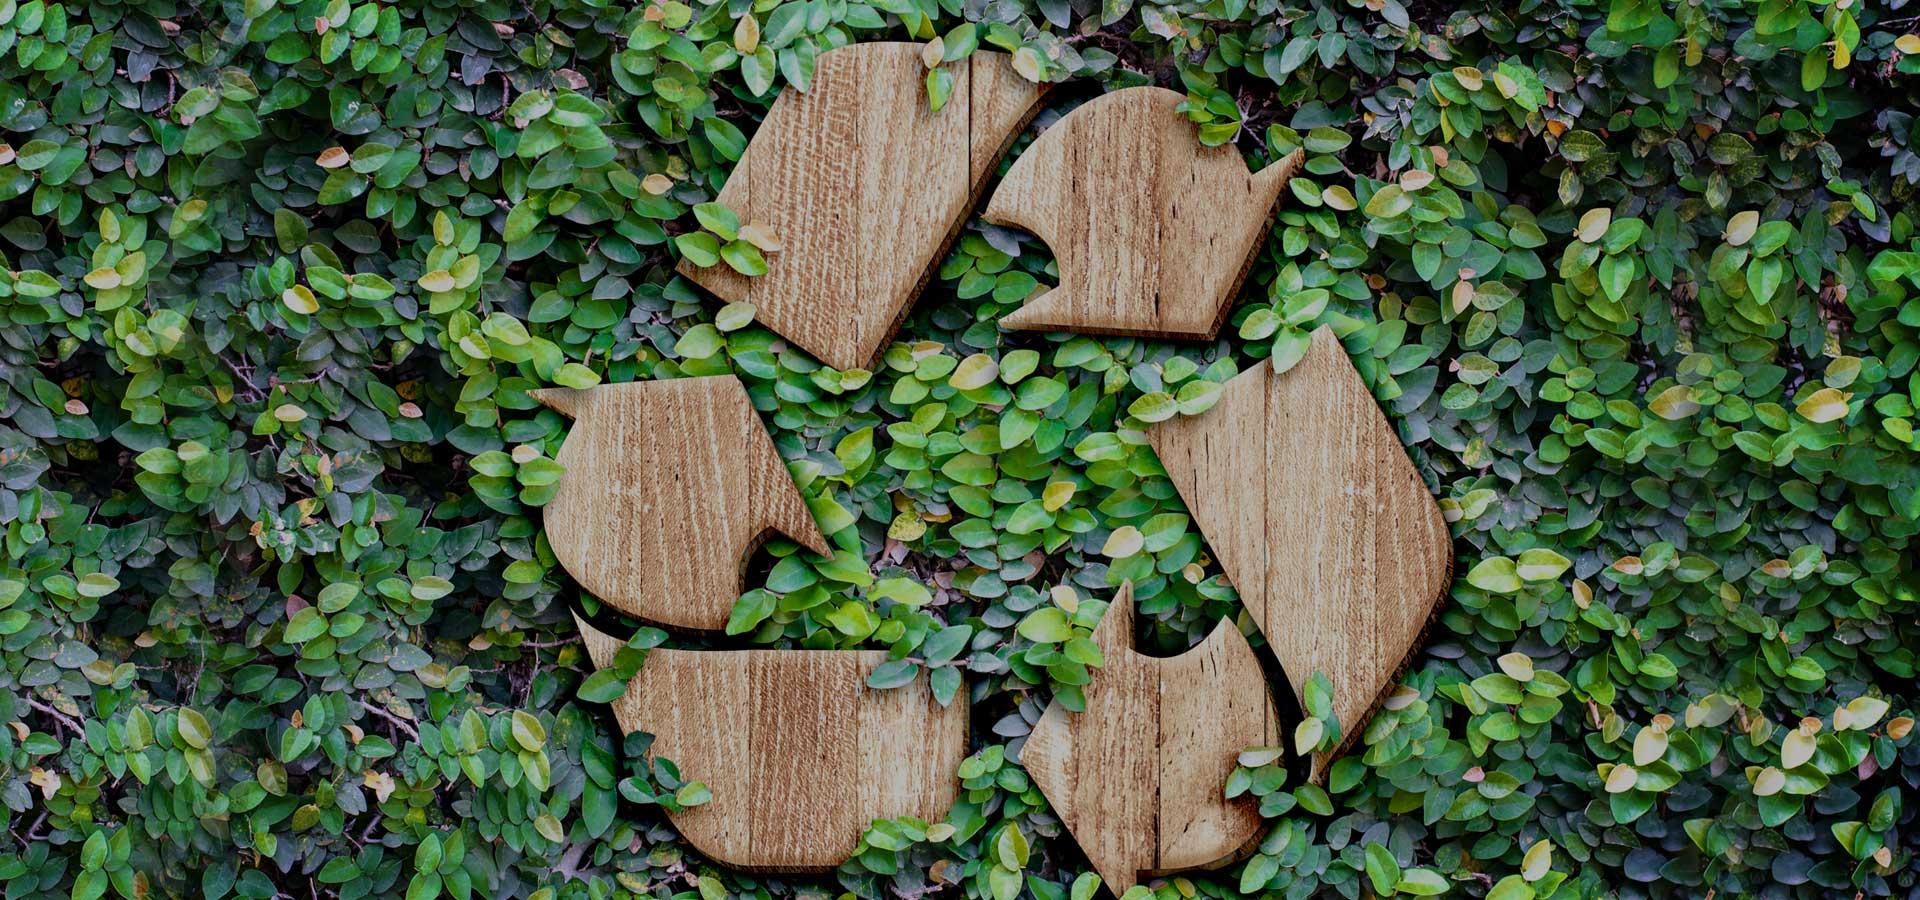 Imagen que describe el compromiso medioambiental sigfito.